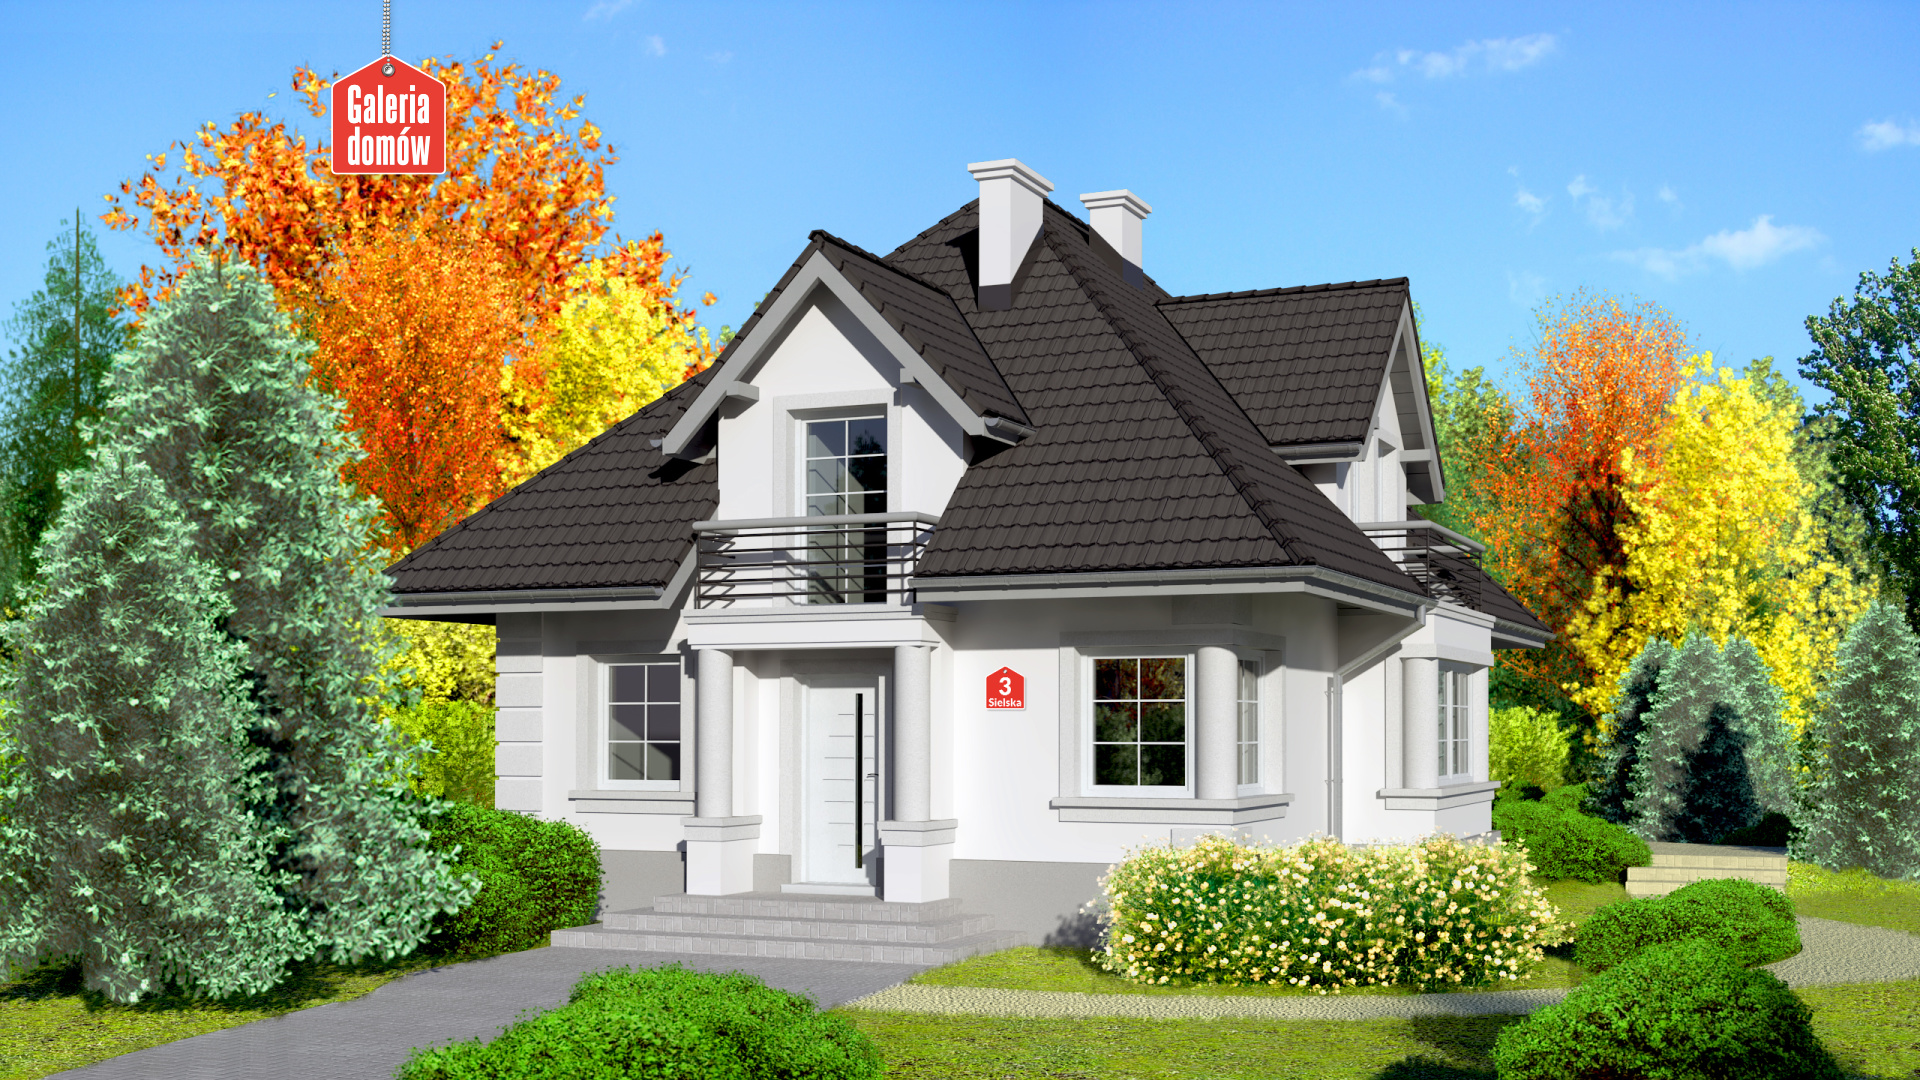 Dom przy Sielskiej 3 - zdjęcie projektu i wizualizacja